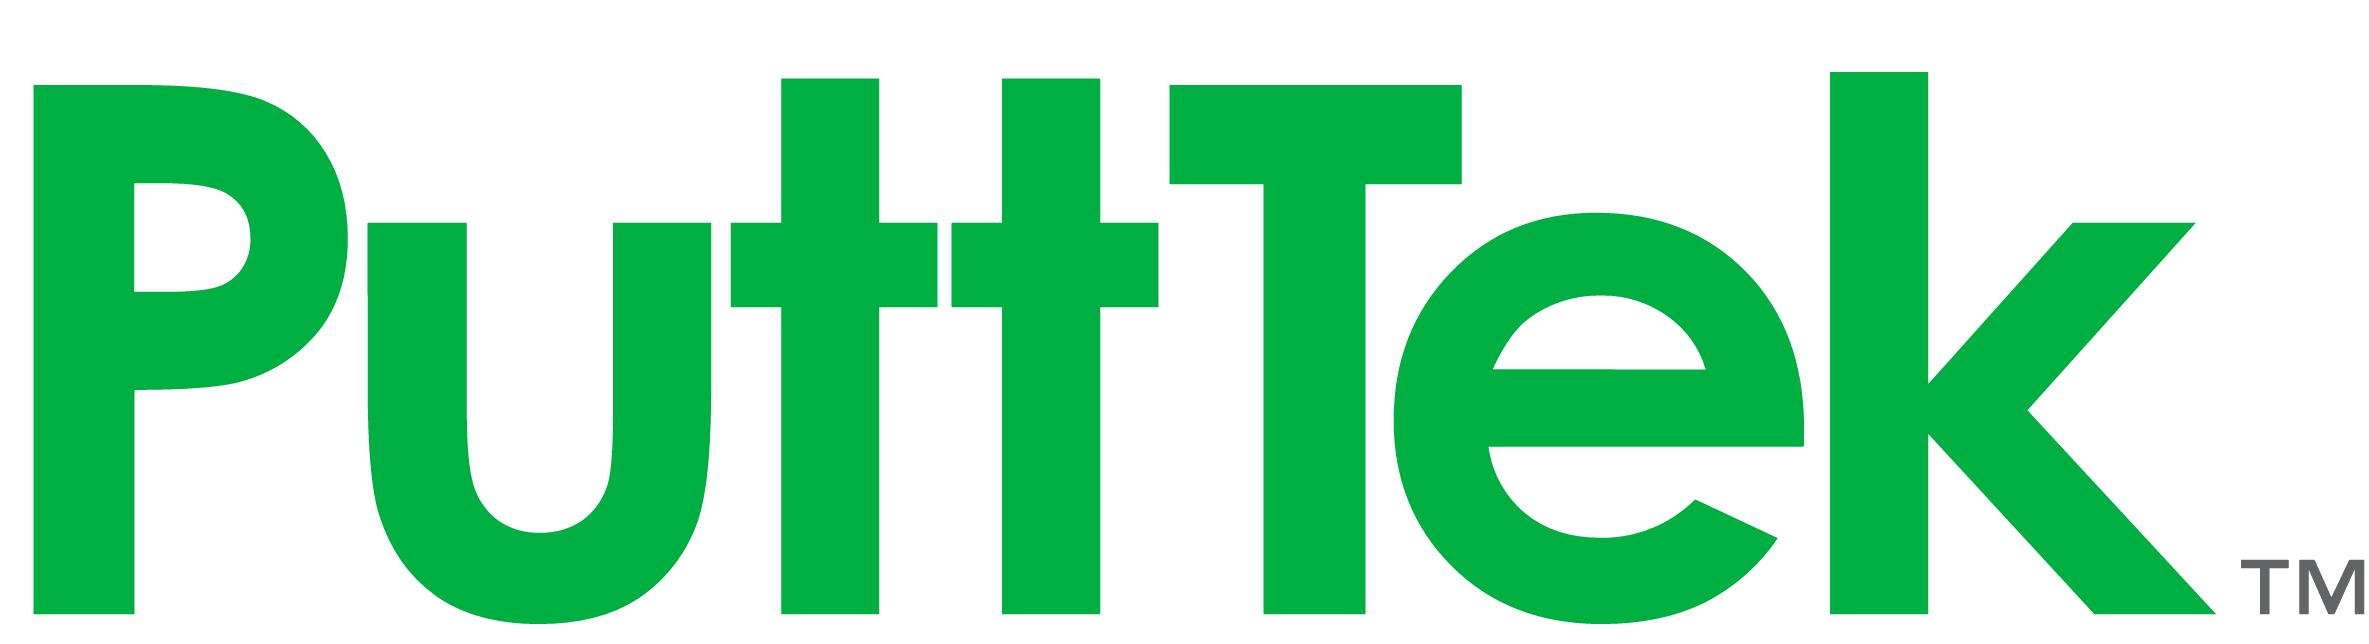 PuttTek